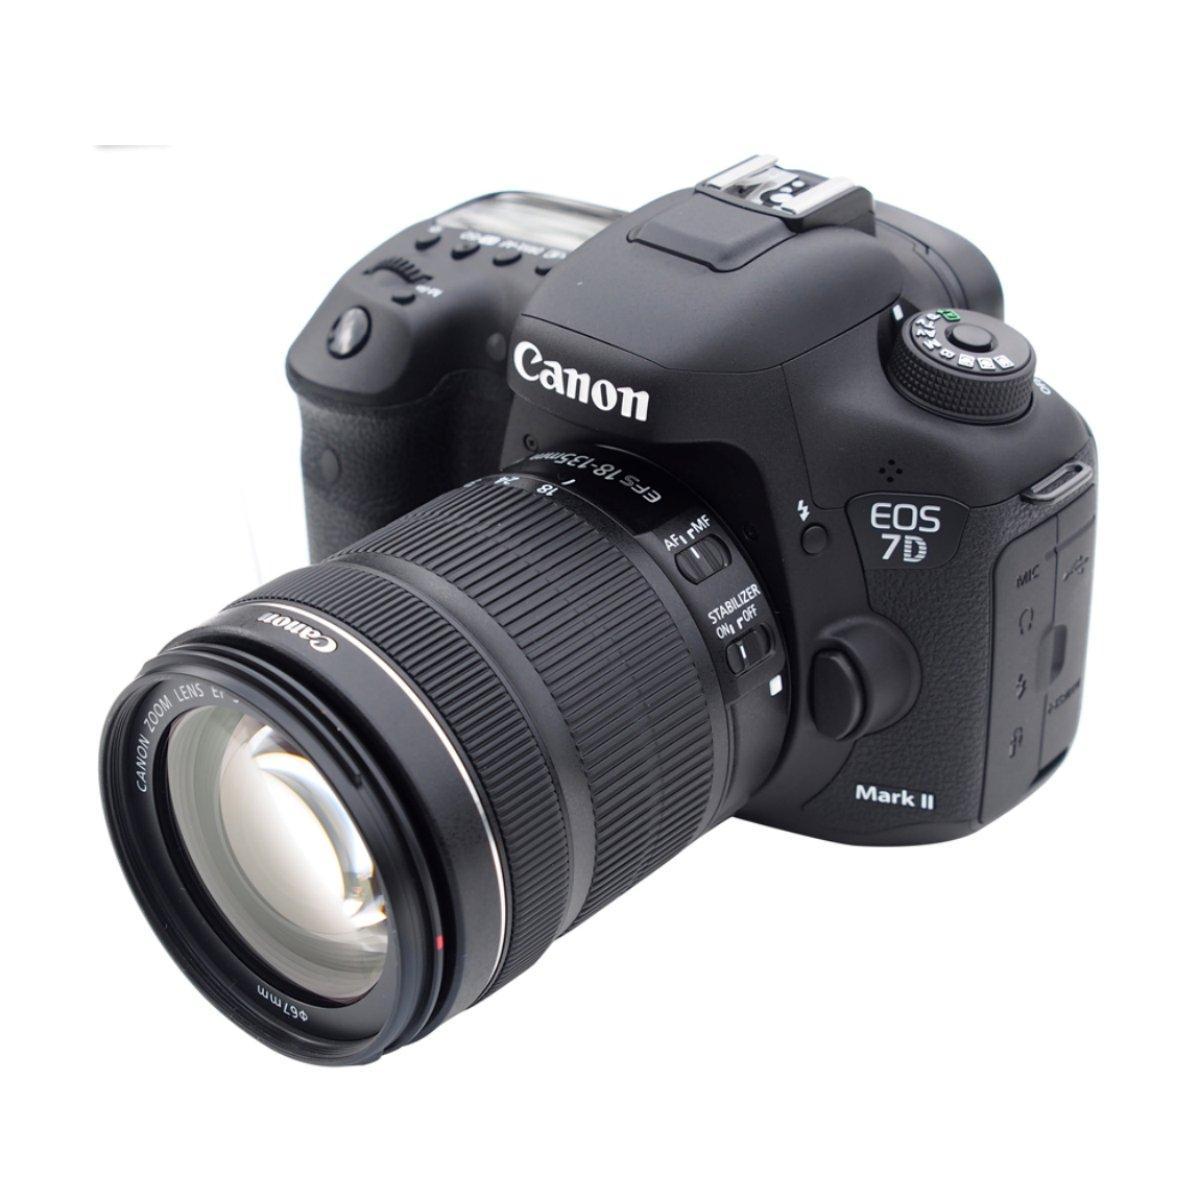 canon eos 7d mk ii 18 135 is stm lens kit. Black Bedroom Furniture Sets. Home Design Ideas